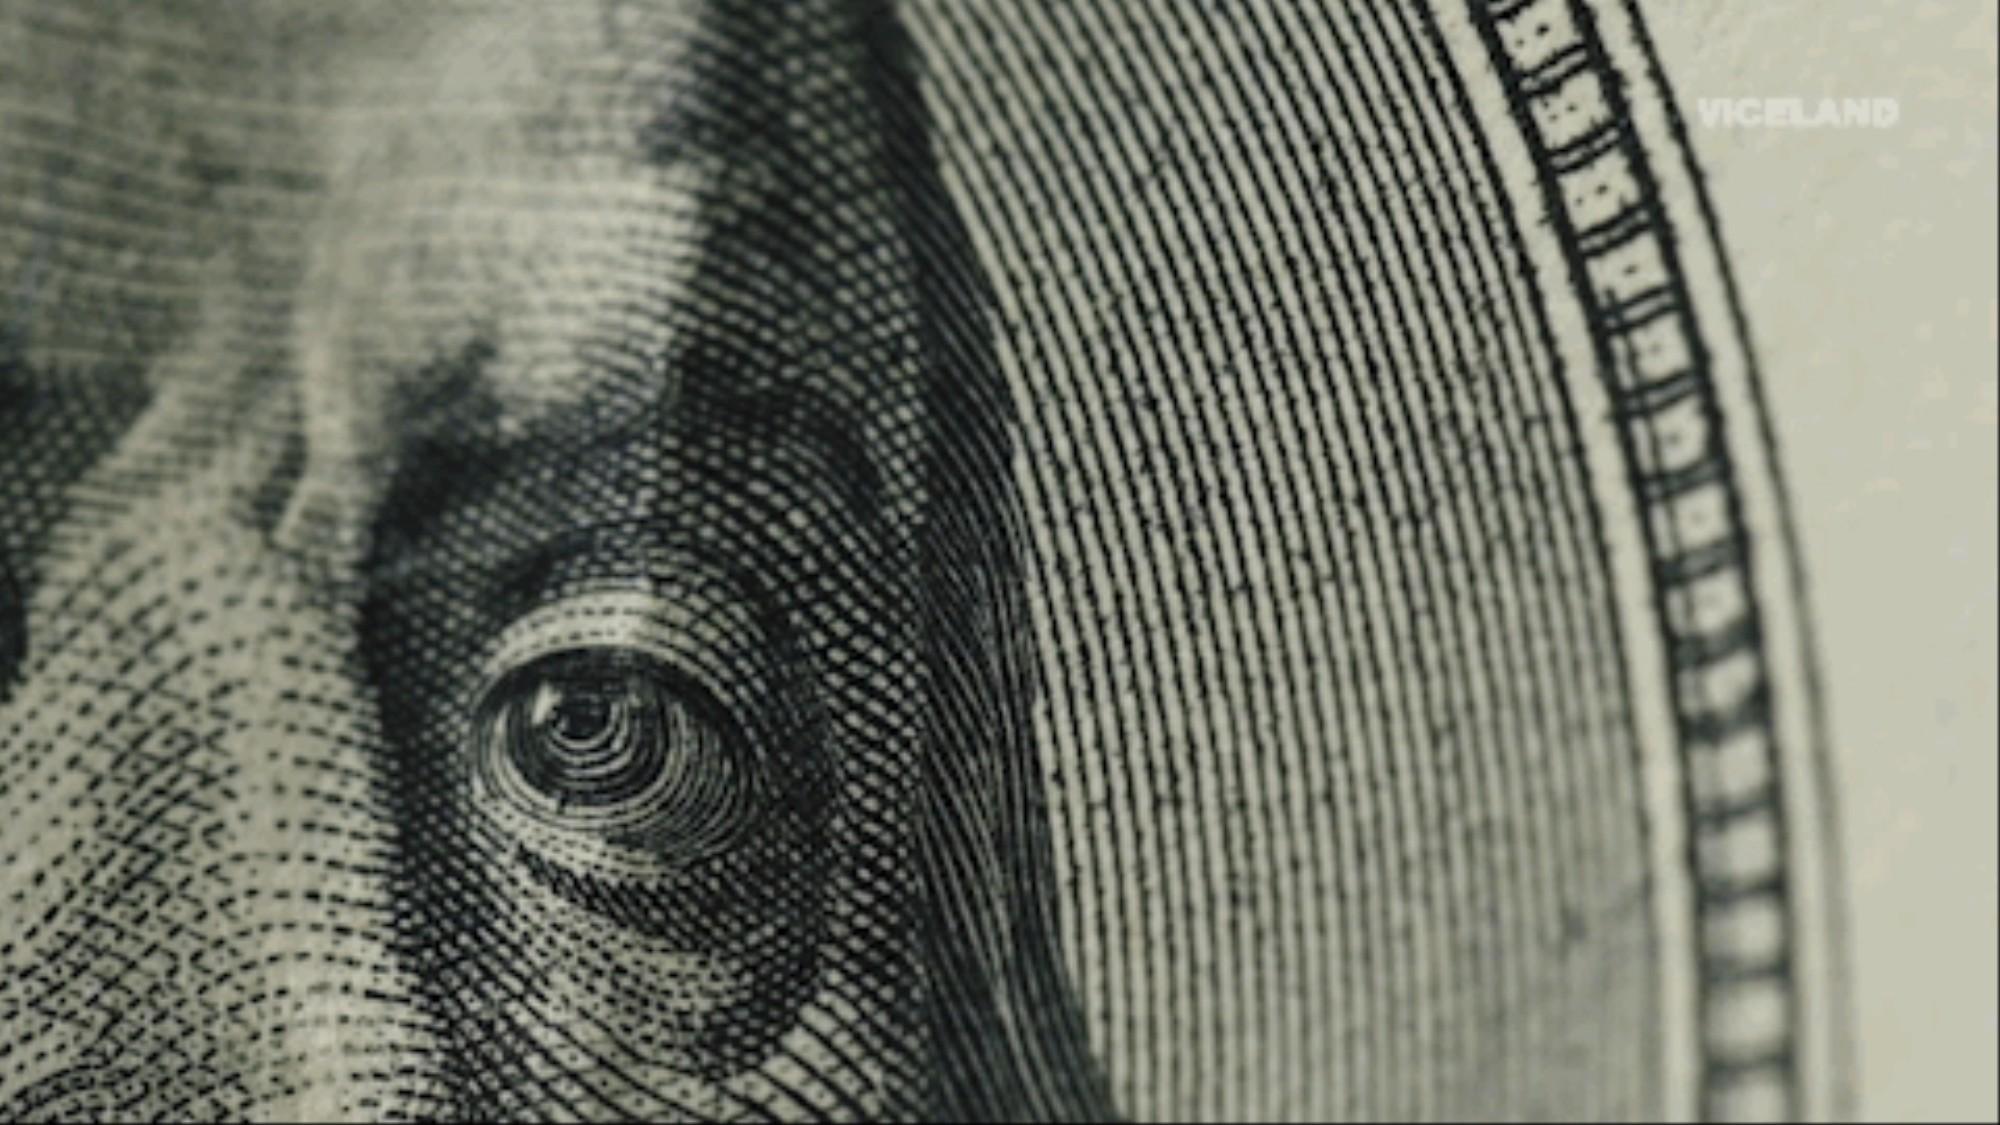 Πώς να επενδύσουν σε bitcoins